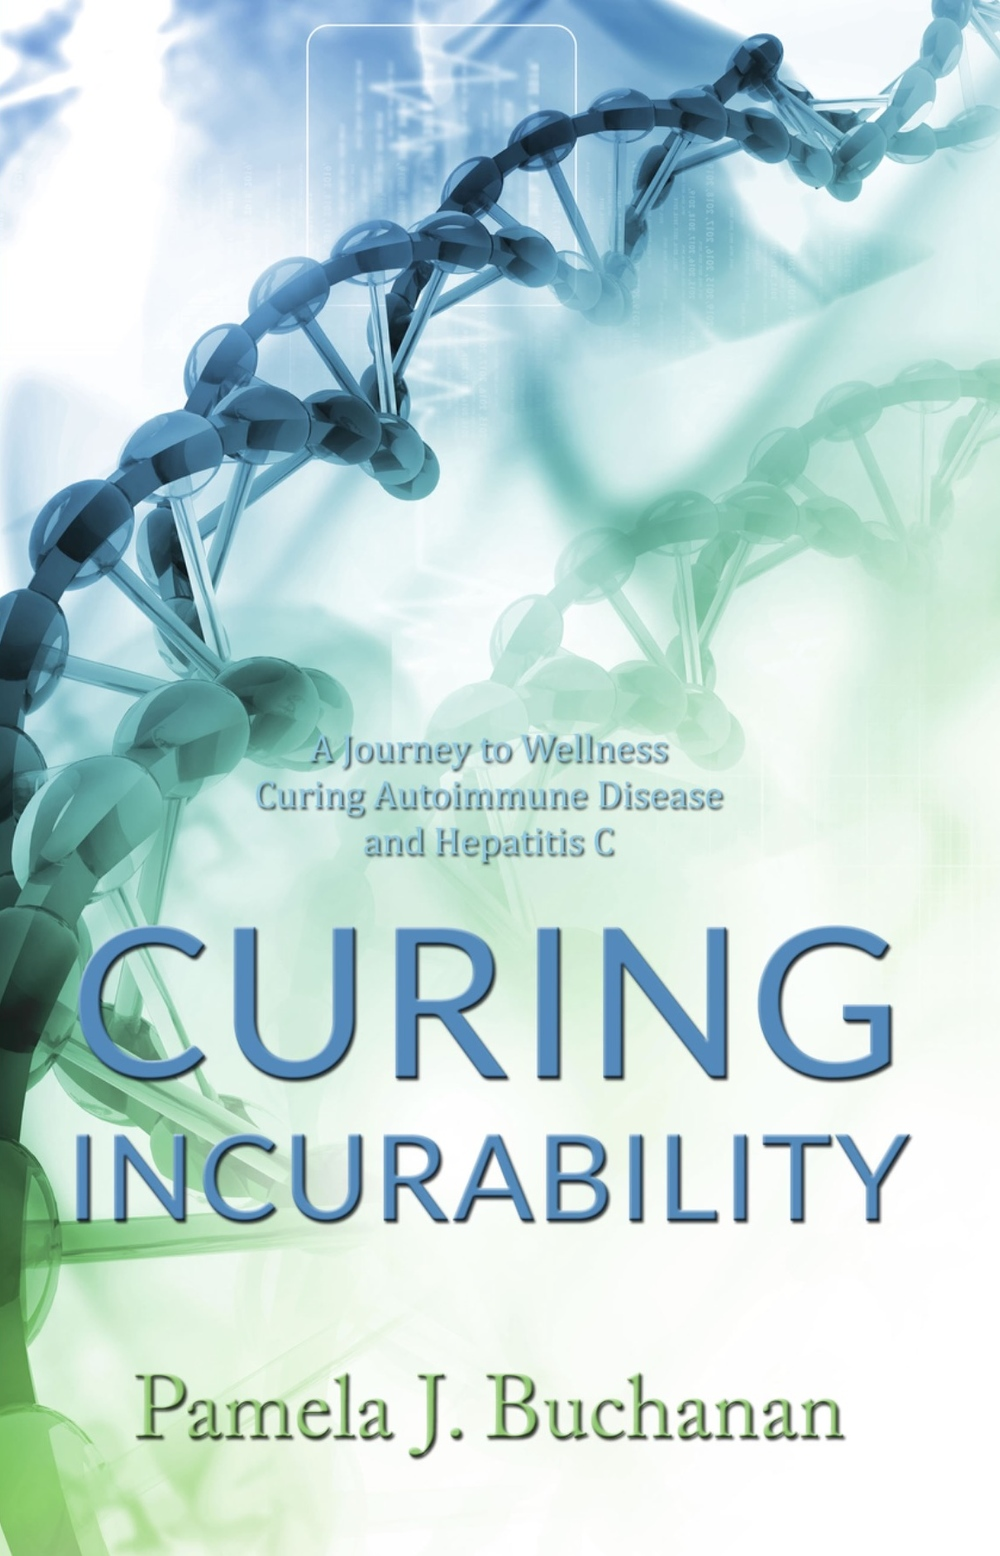 CuringIncurabilityBook